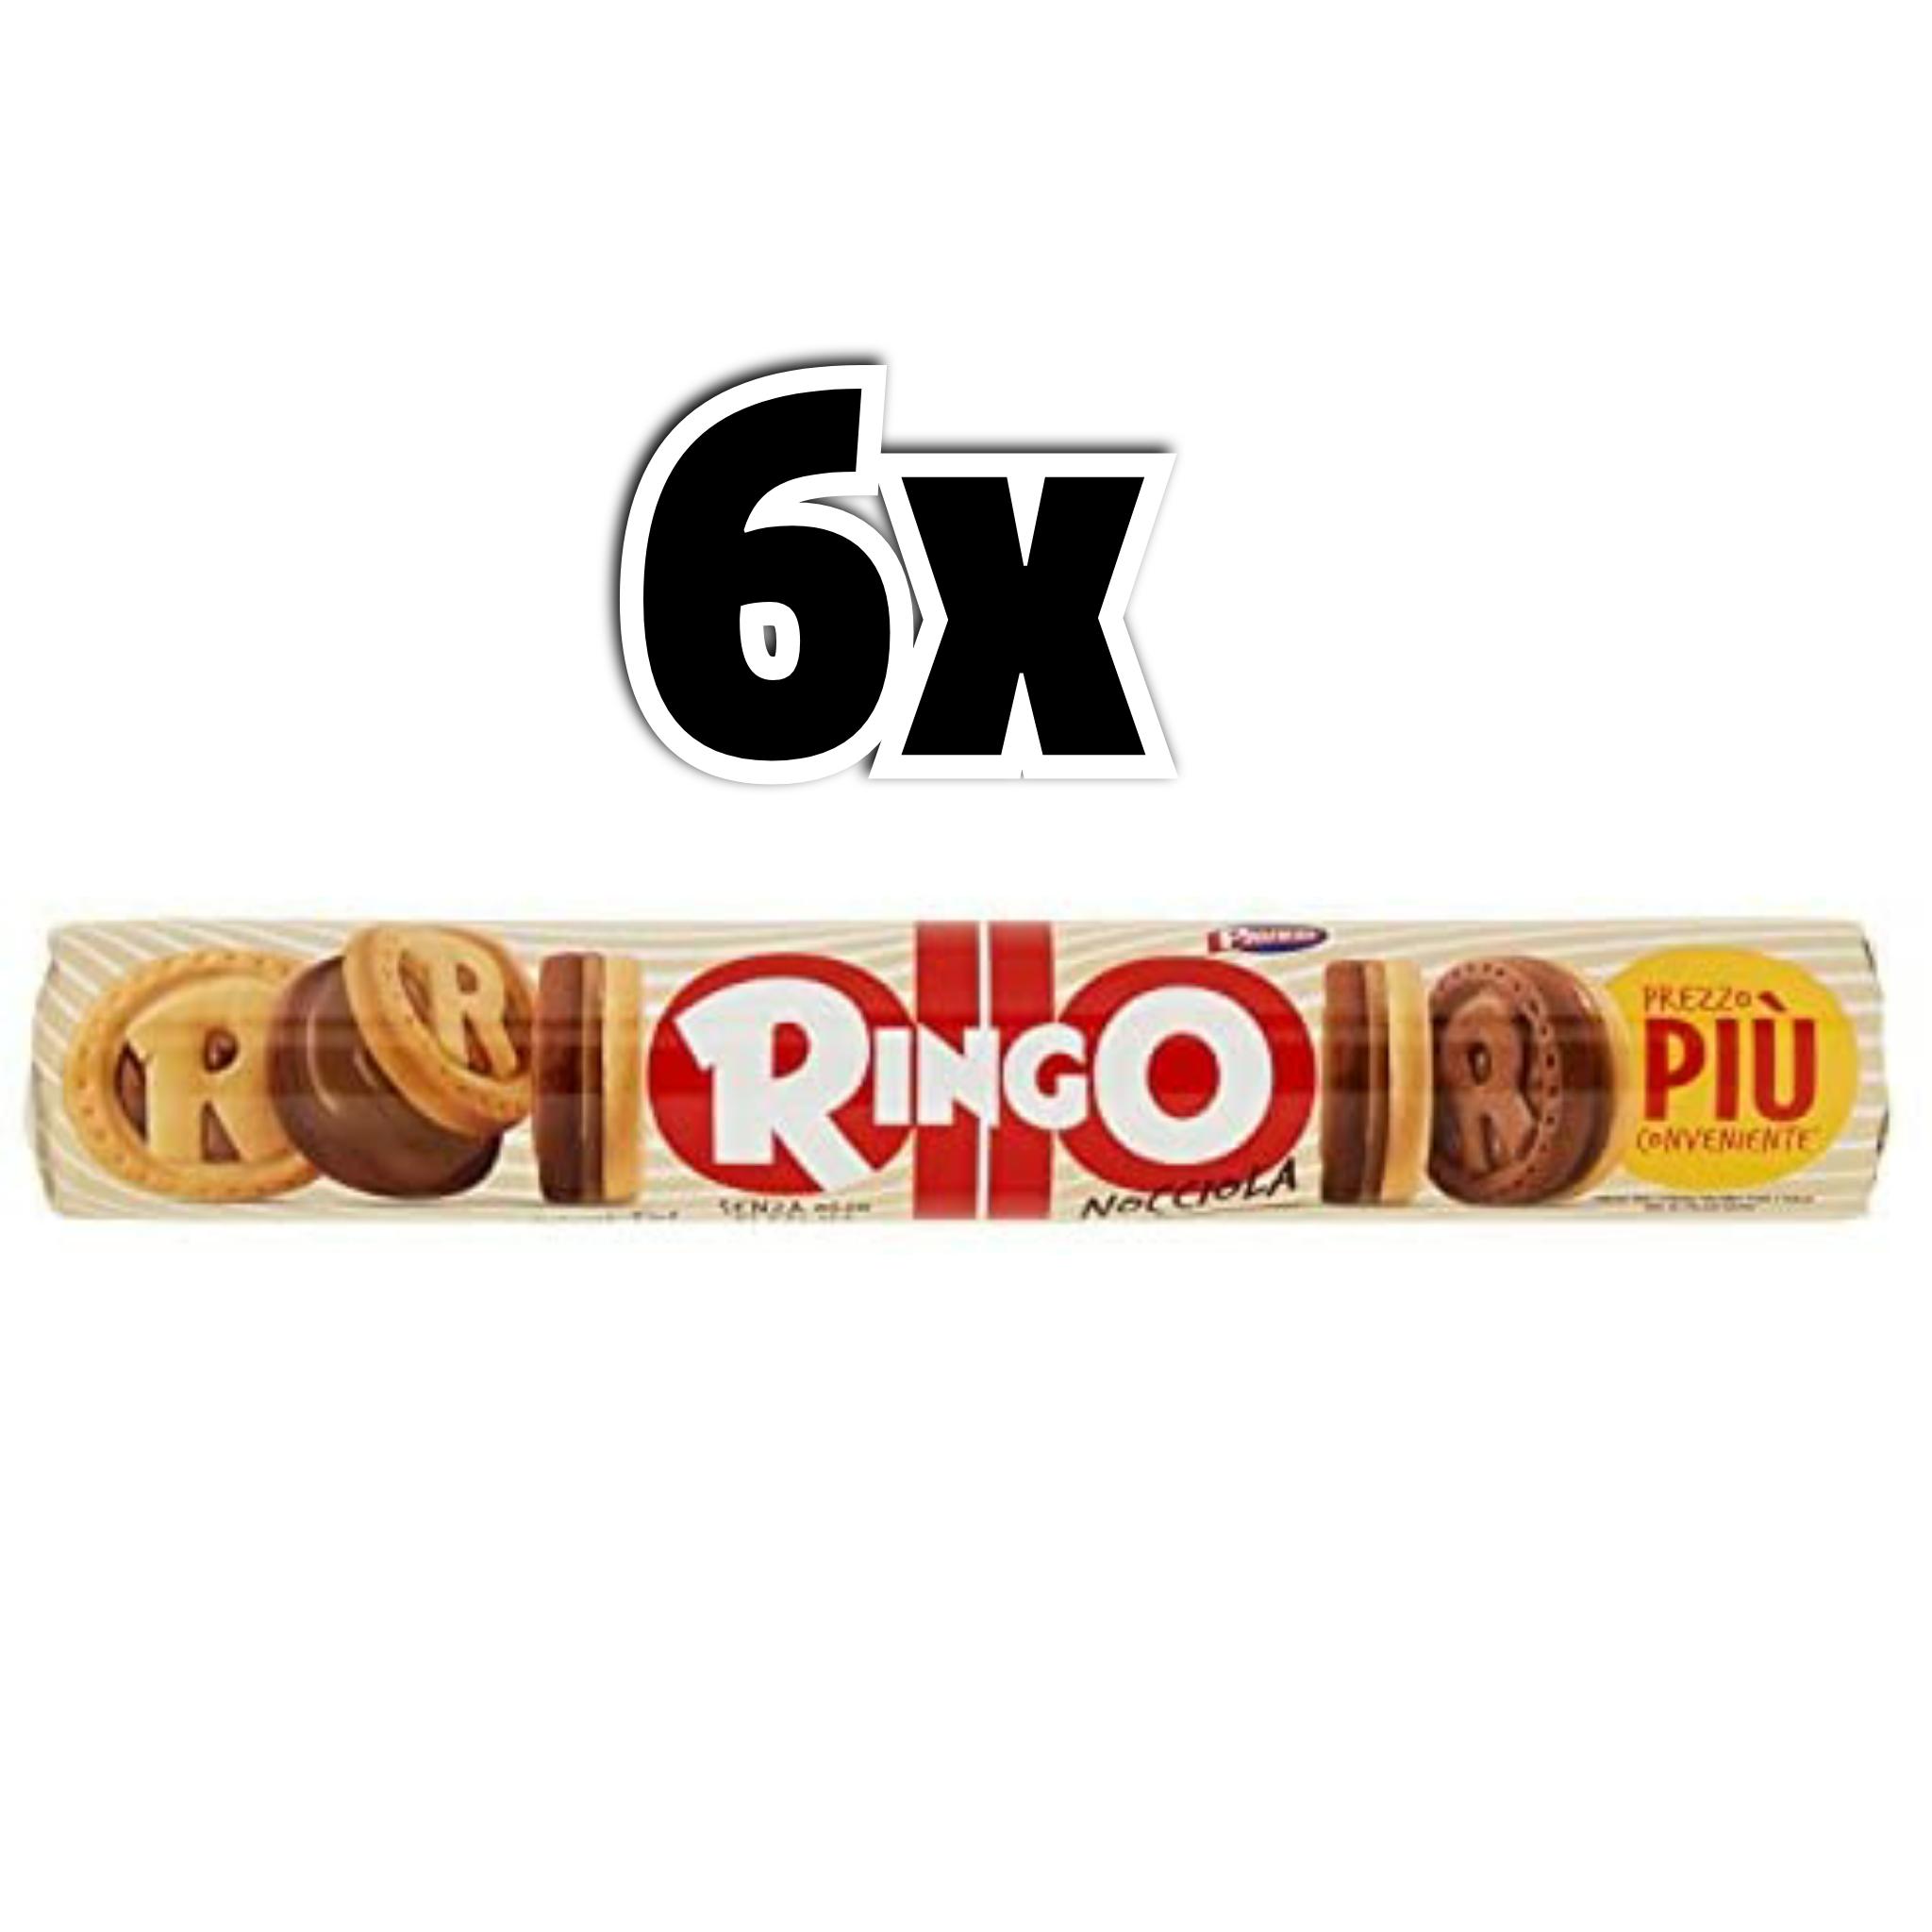 6x155gr Ringo Biscotti, Nocciola